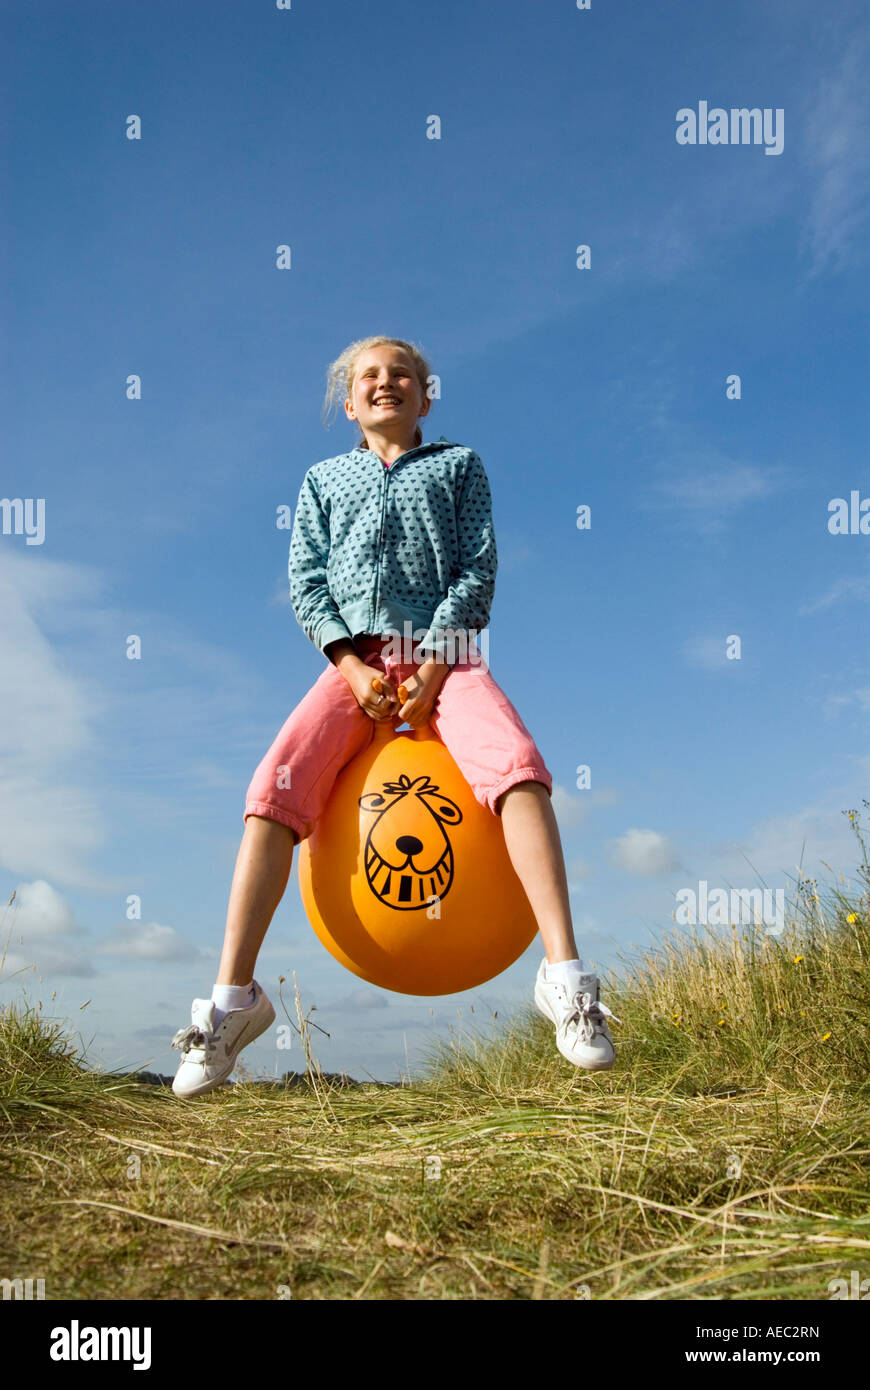 Ragazza giovane rimbalza su un Space Hopper, England Regno Unito Foto Stock